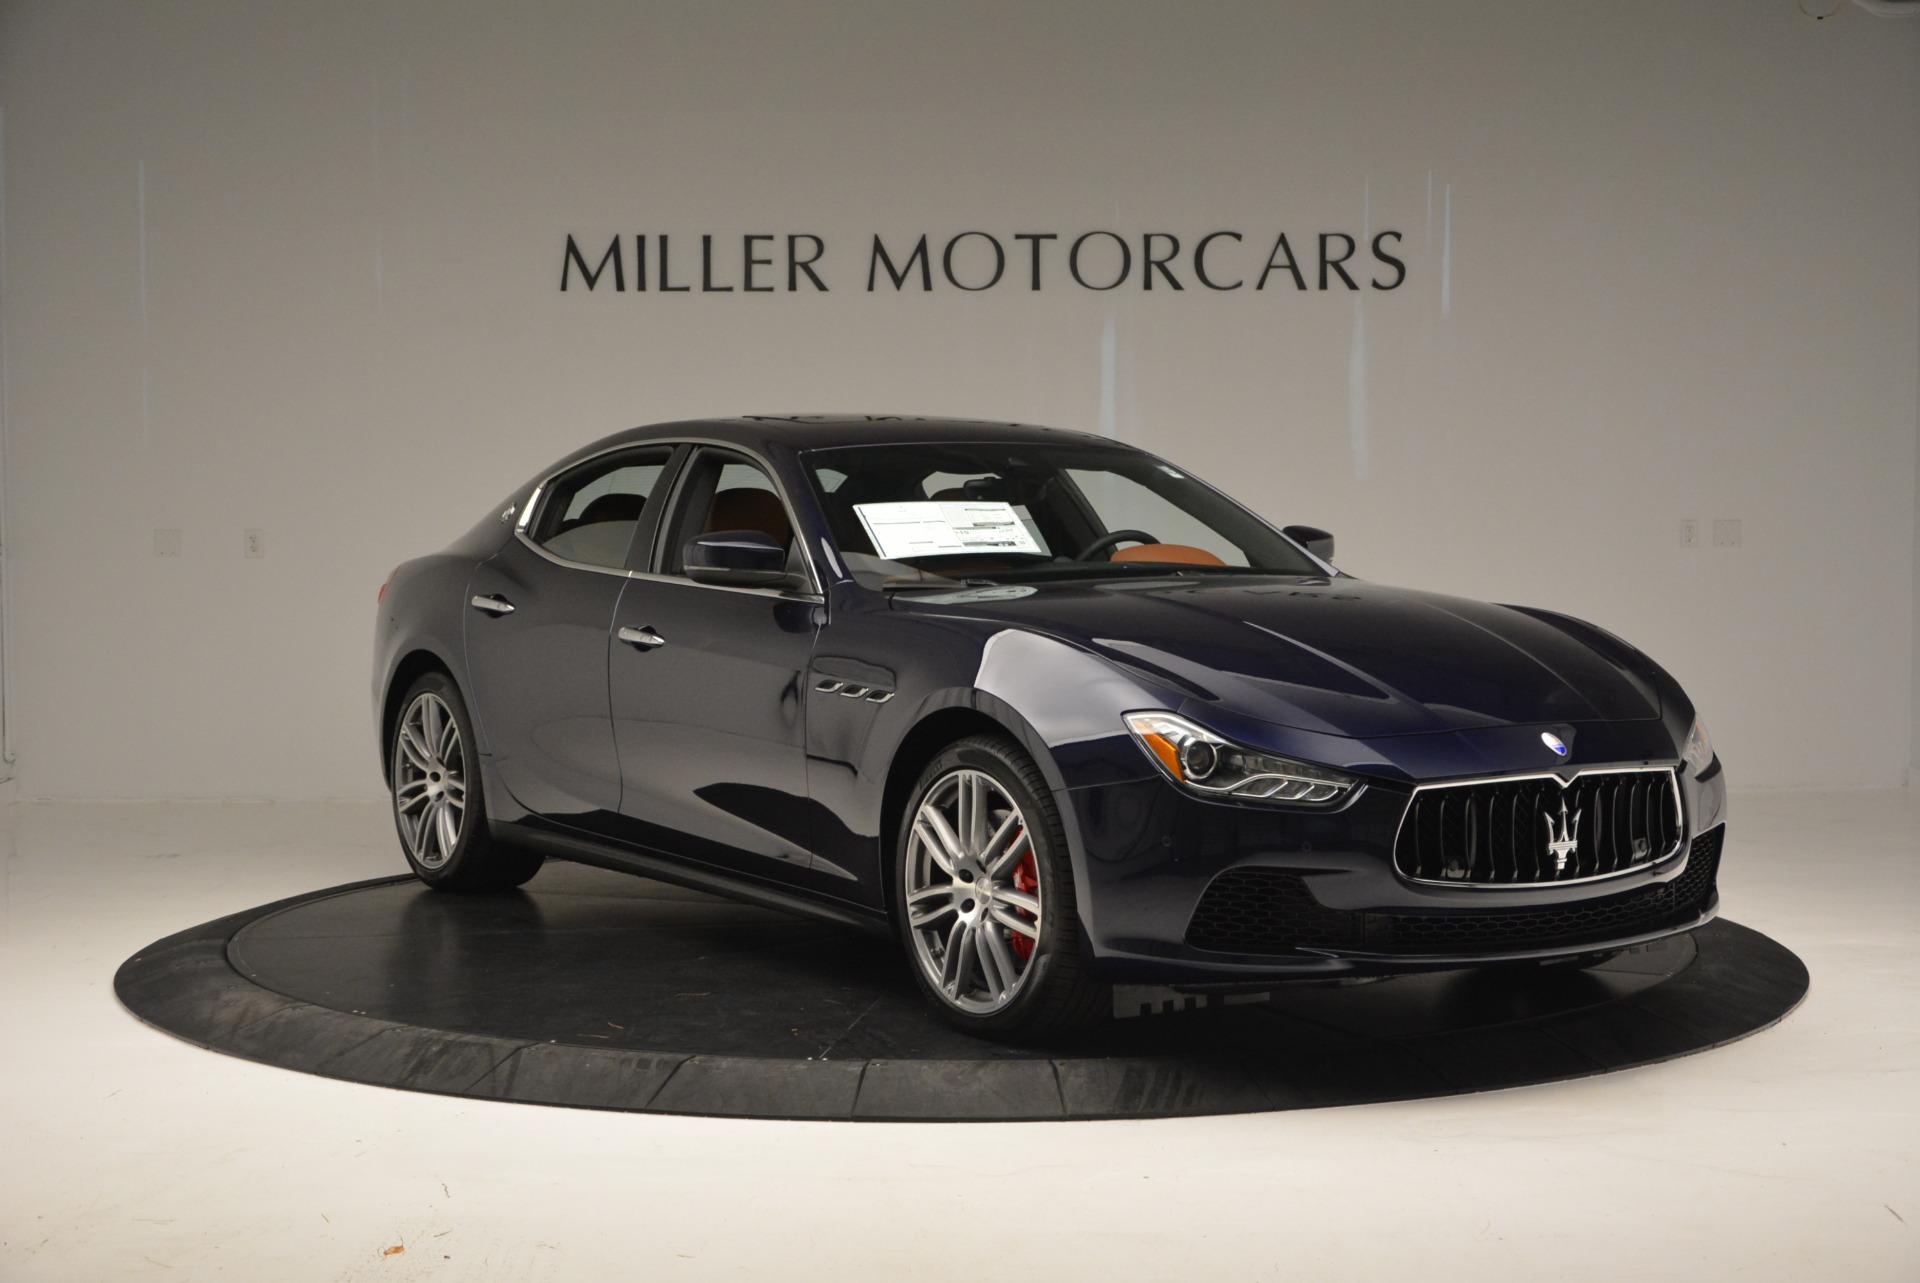 New 2017 Maserati Ghibli S Q4 For Sale In Greenwich, CT 571_p11